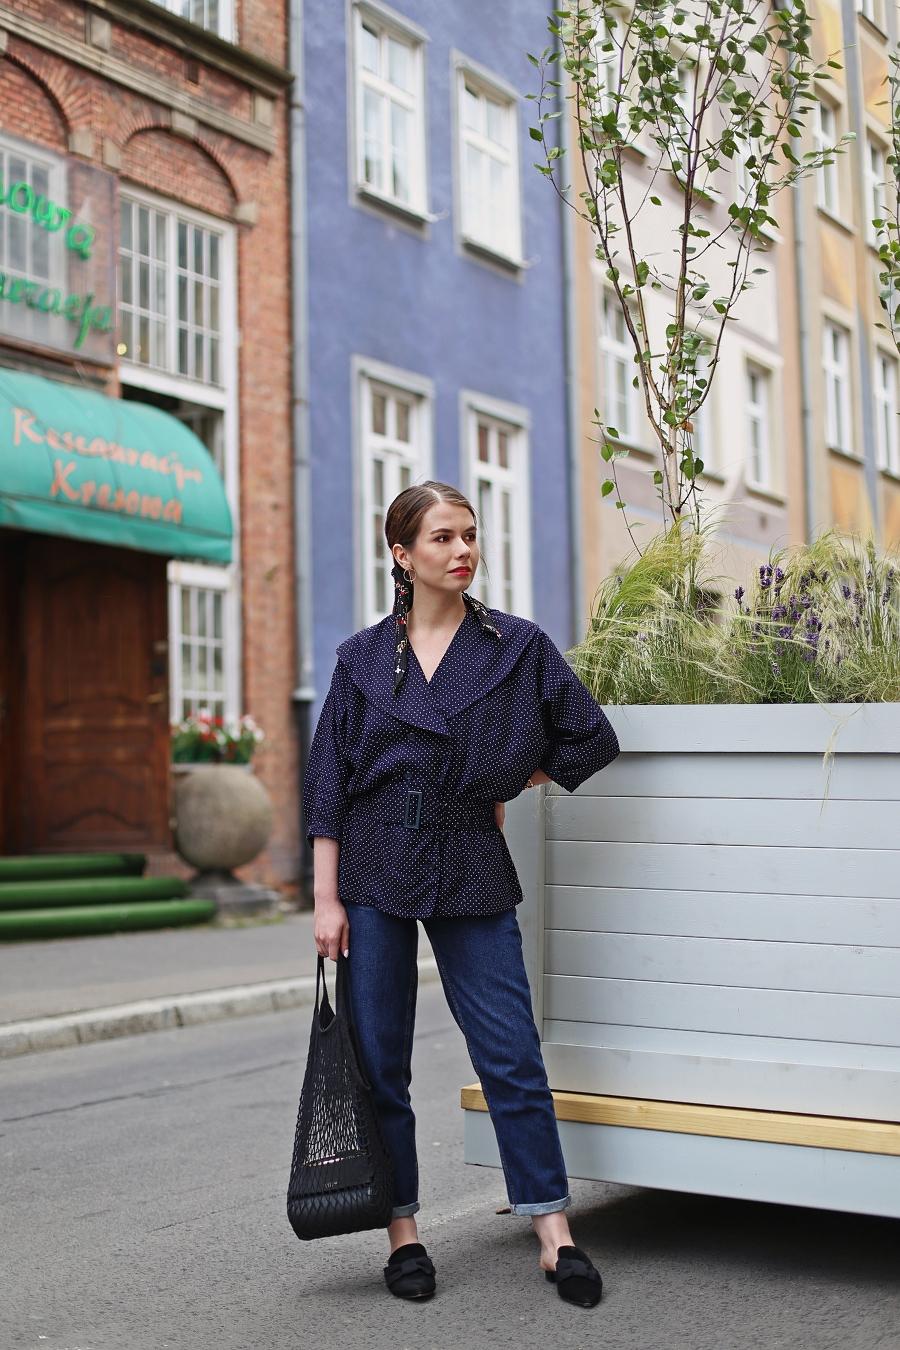 Koszula vintage w groszki, mom jeans,, siatka na zakupy PRL, klapki mule